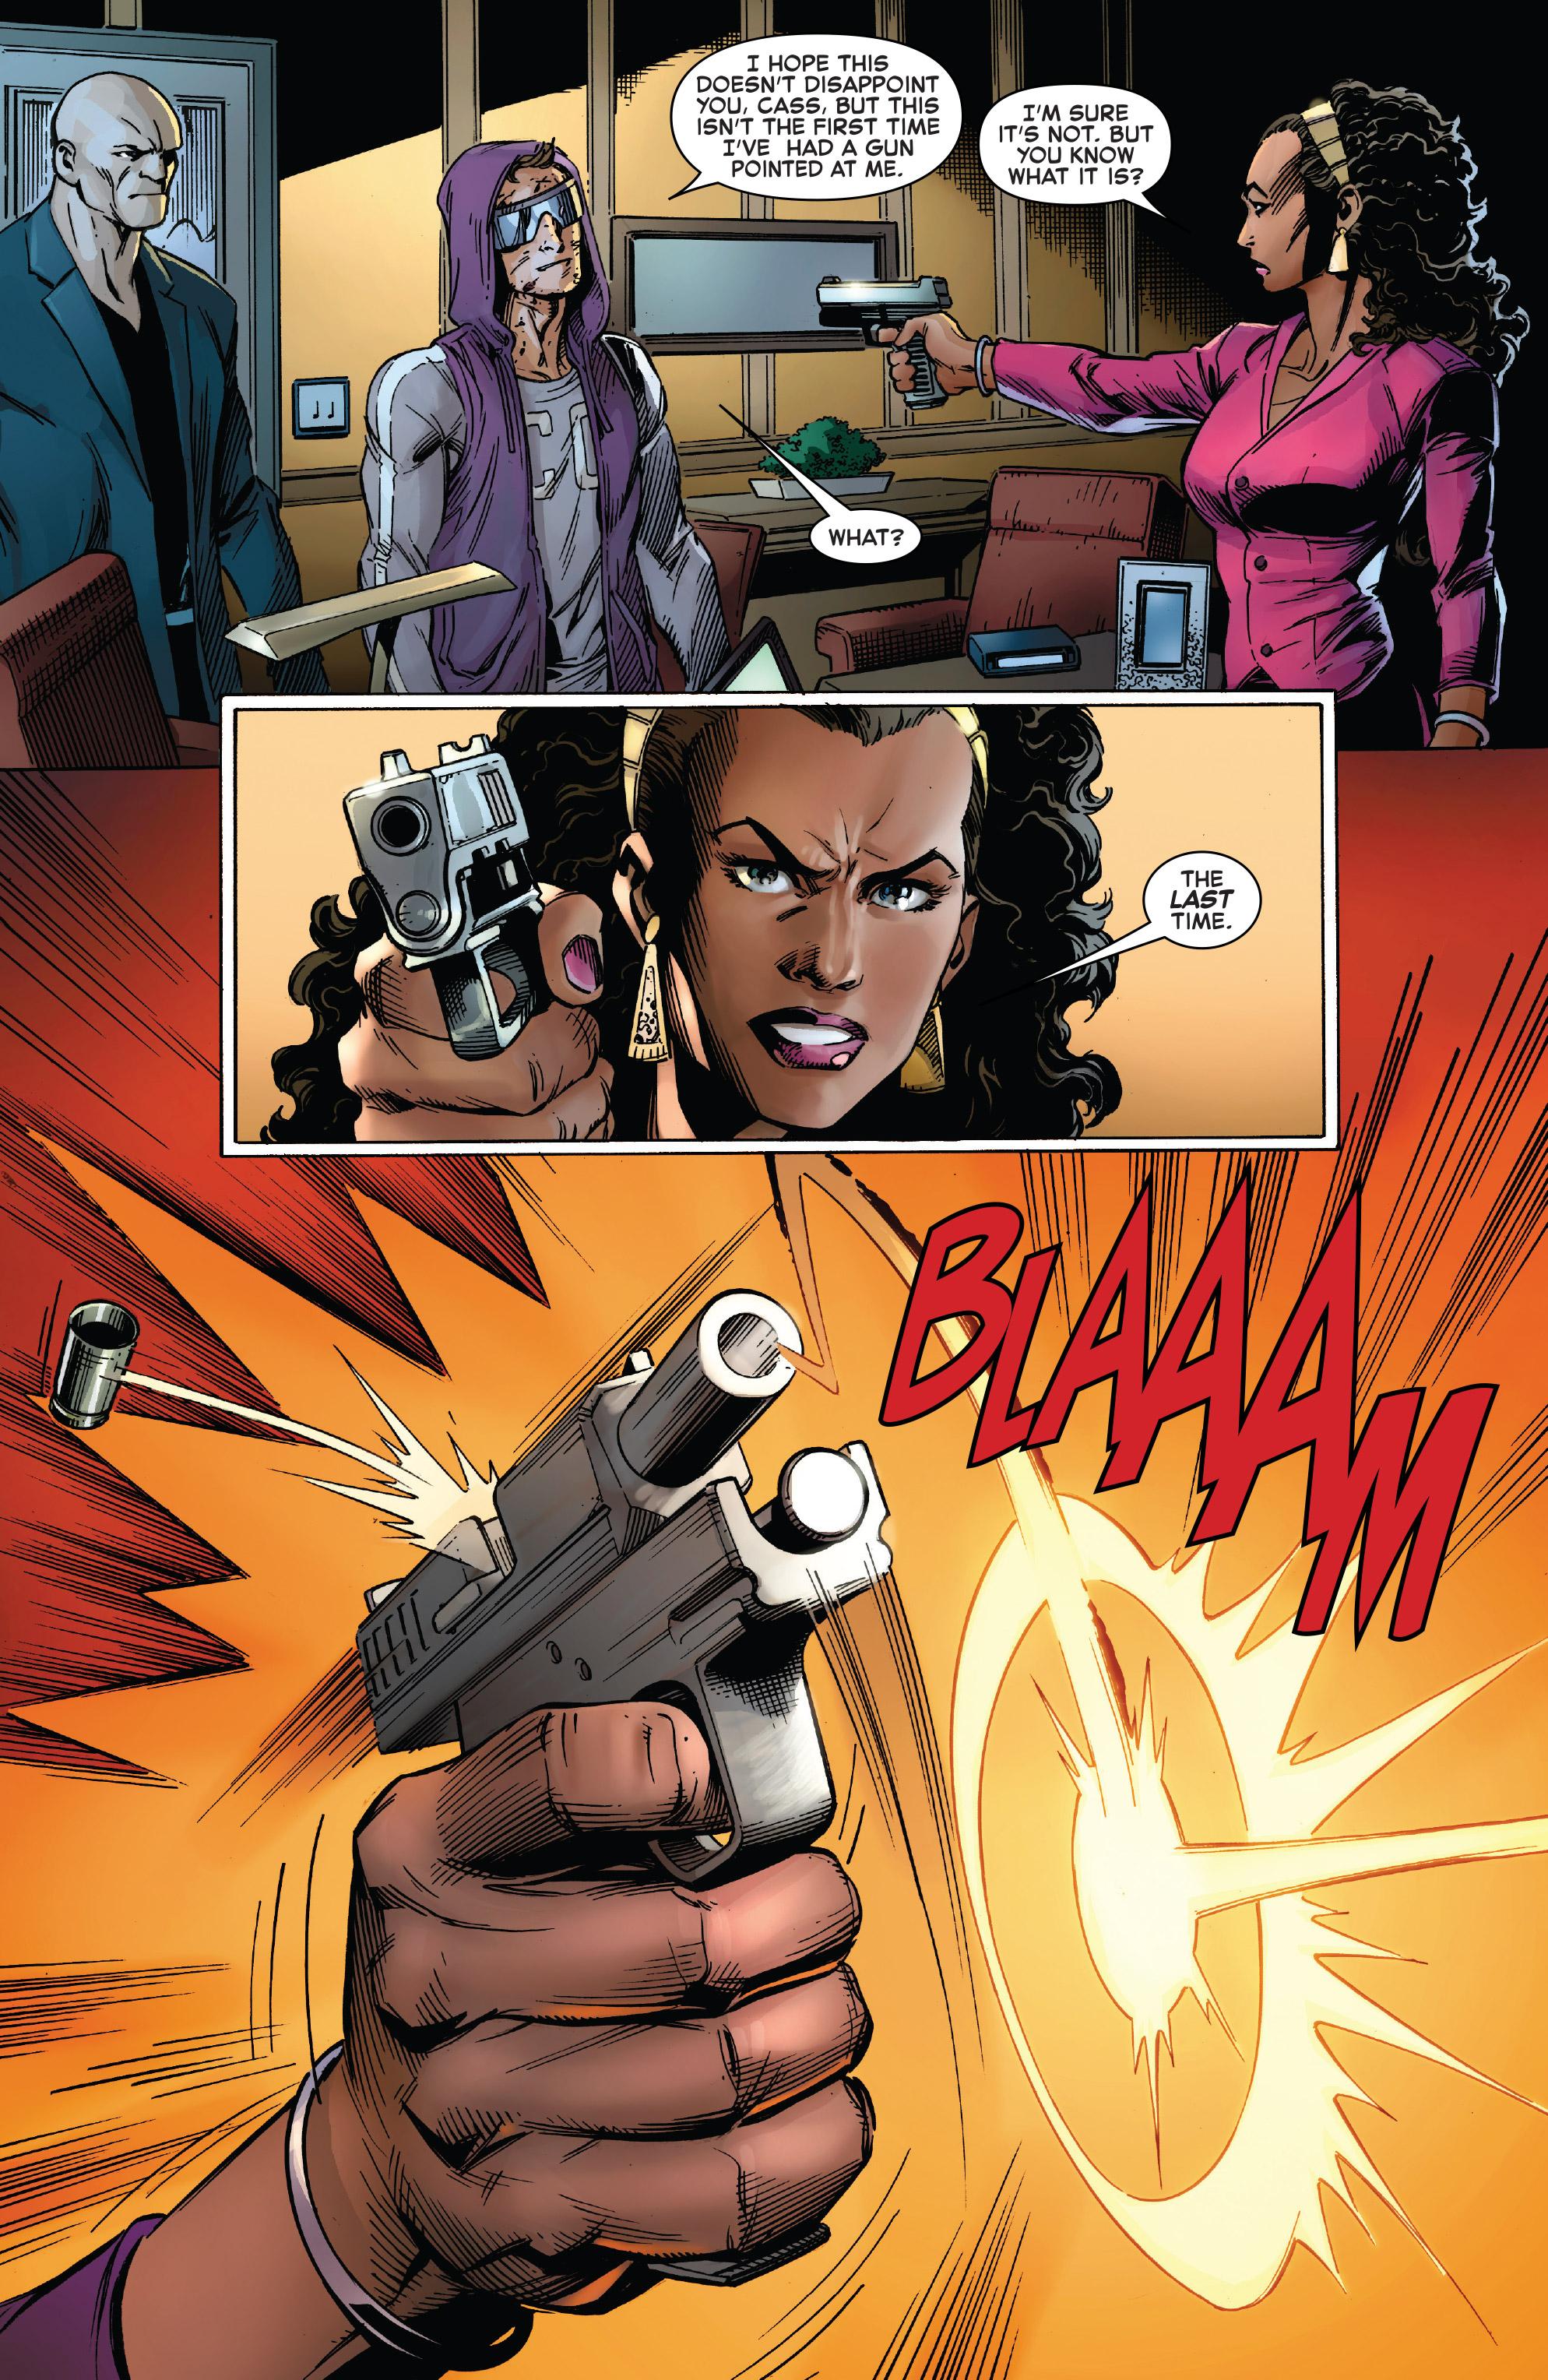 Read online Ben Reilly: Scarlet Spider comic -  Issue #2 - 3